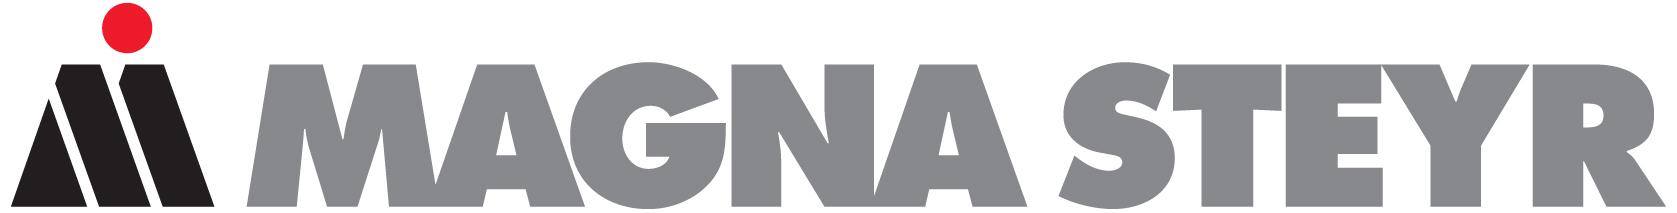 Логотип Австрийского производителя автомобилей Magnasteyr.